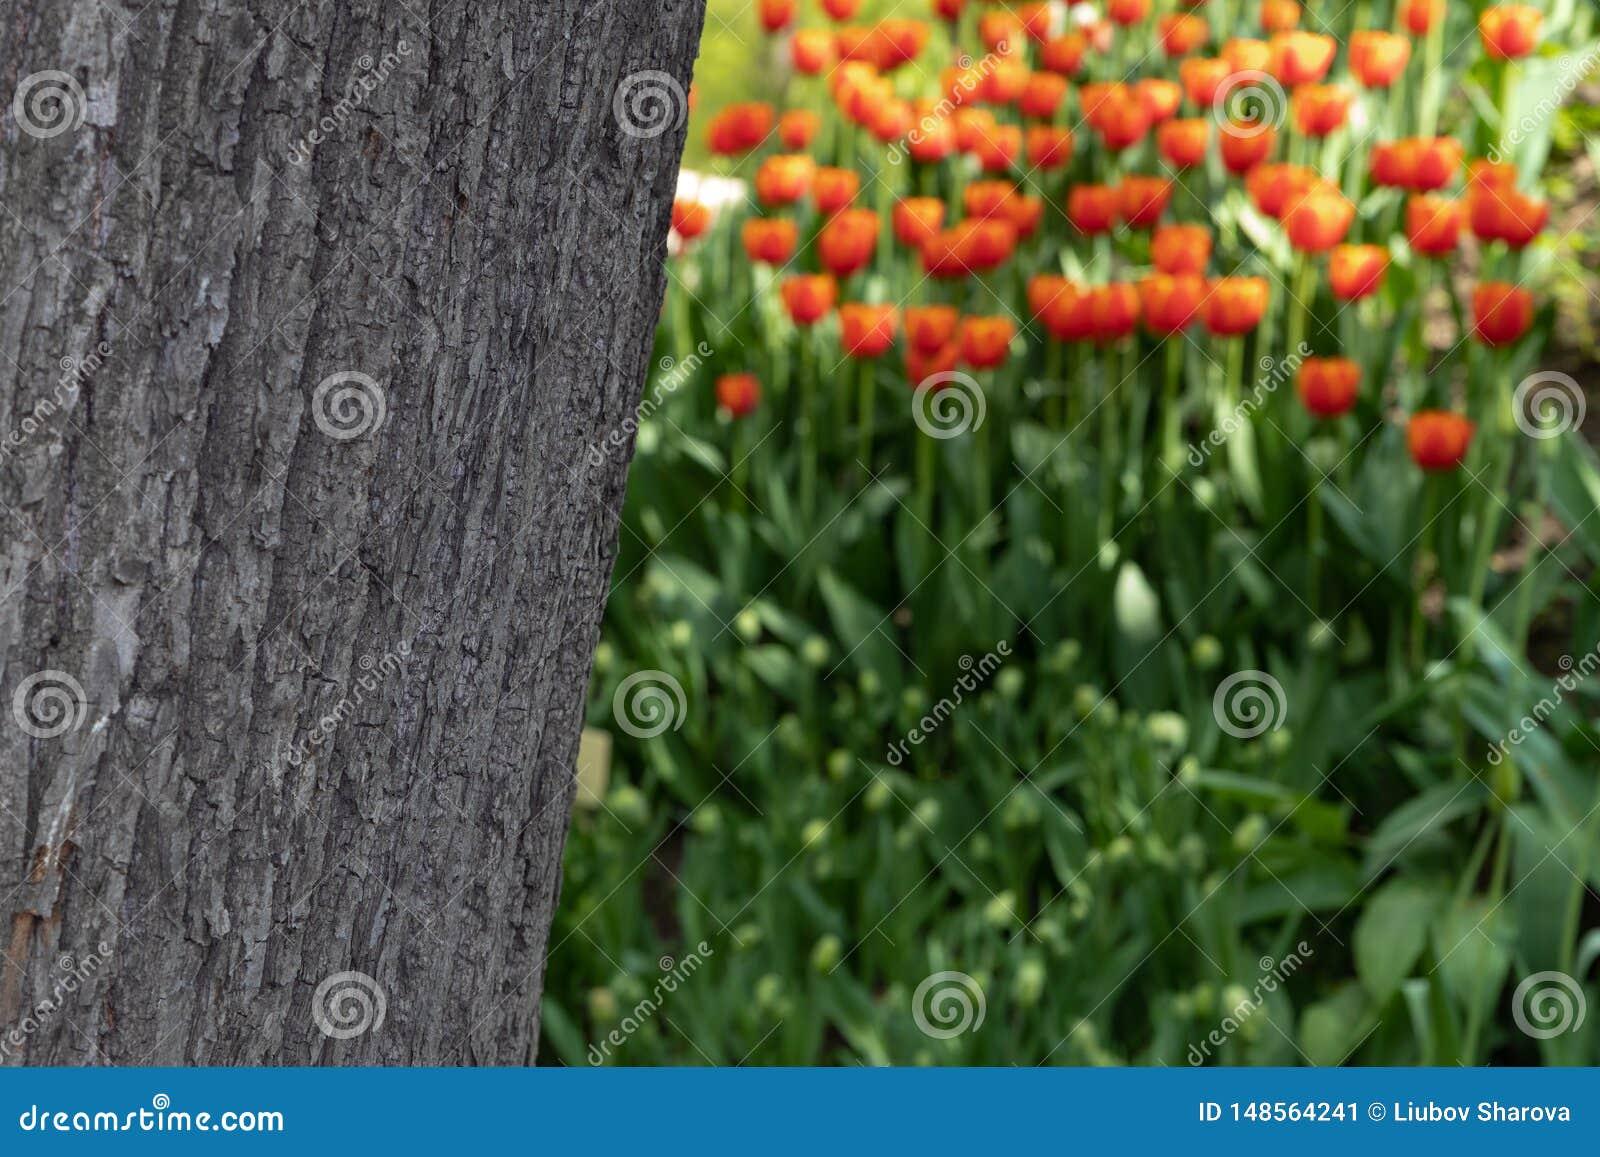 Die Beschaffenheit der Baumrinde auf einem unscharfen Hintergrund von orange Tulpen